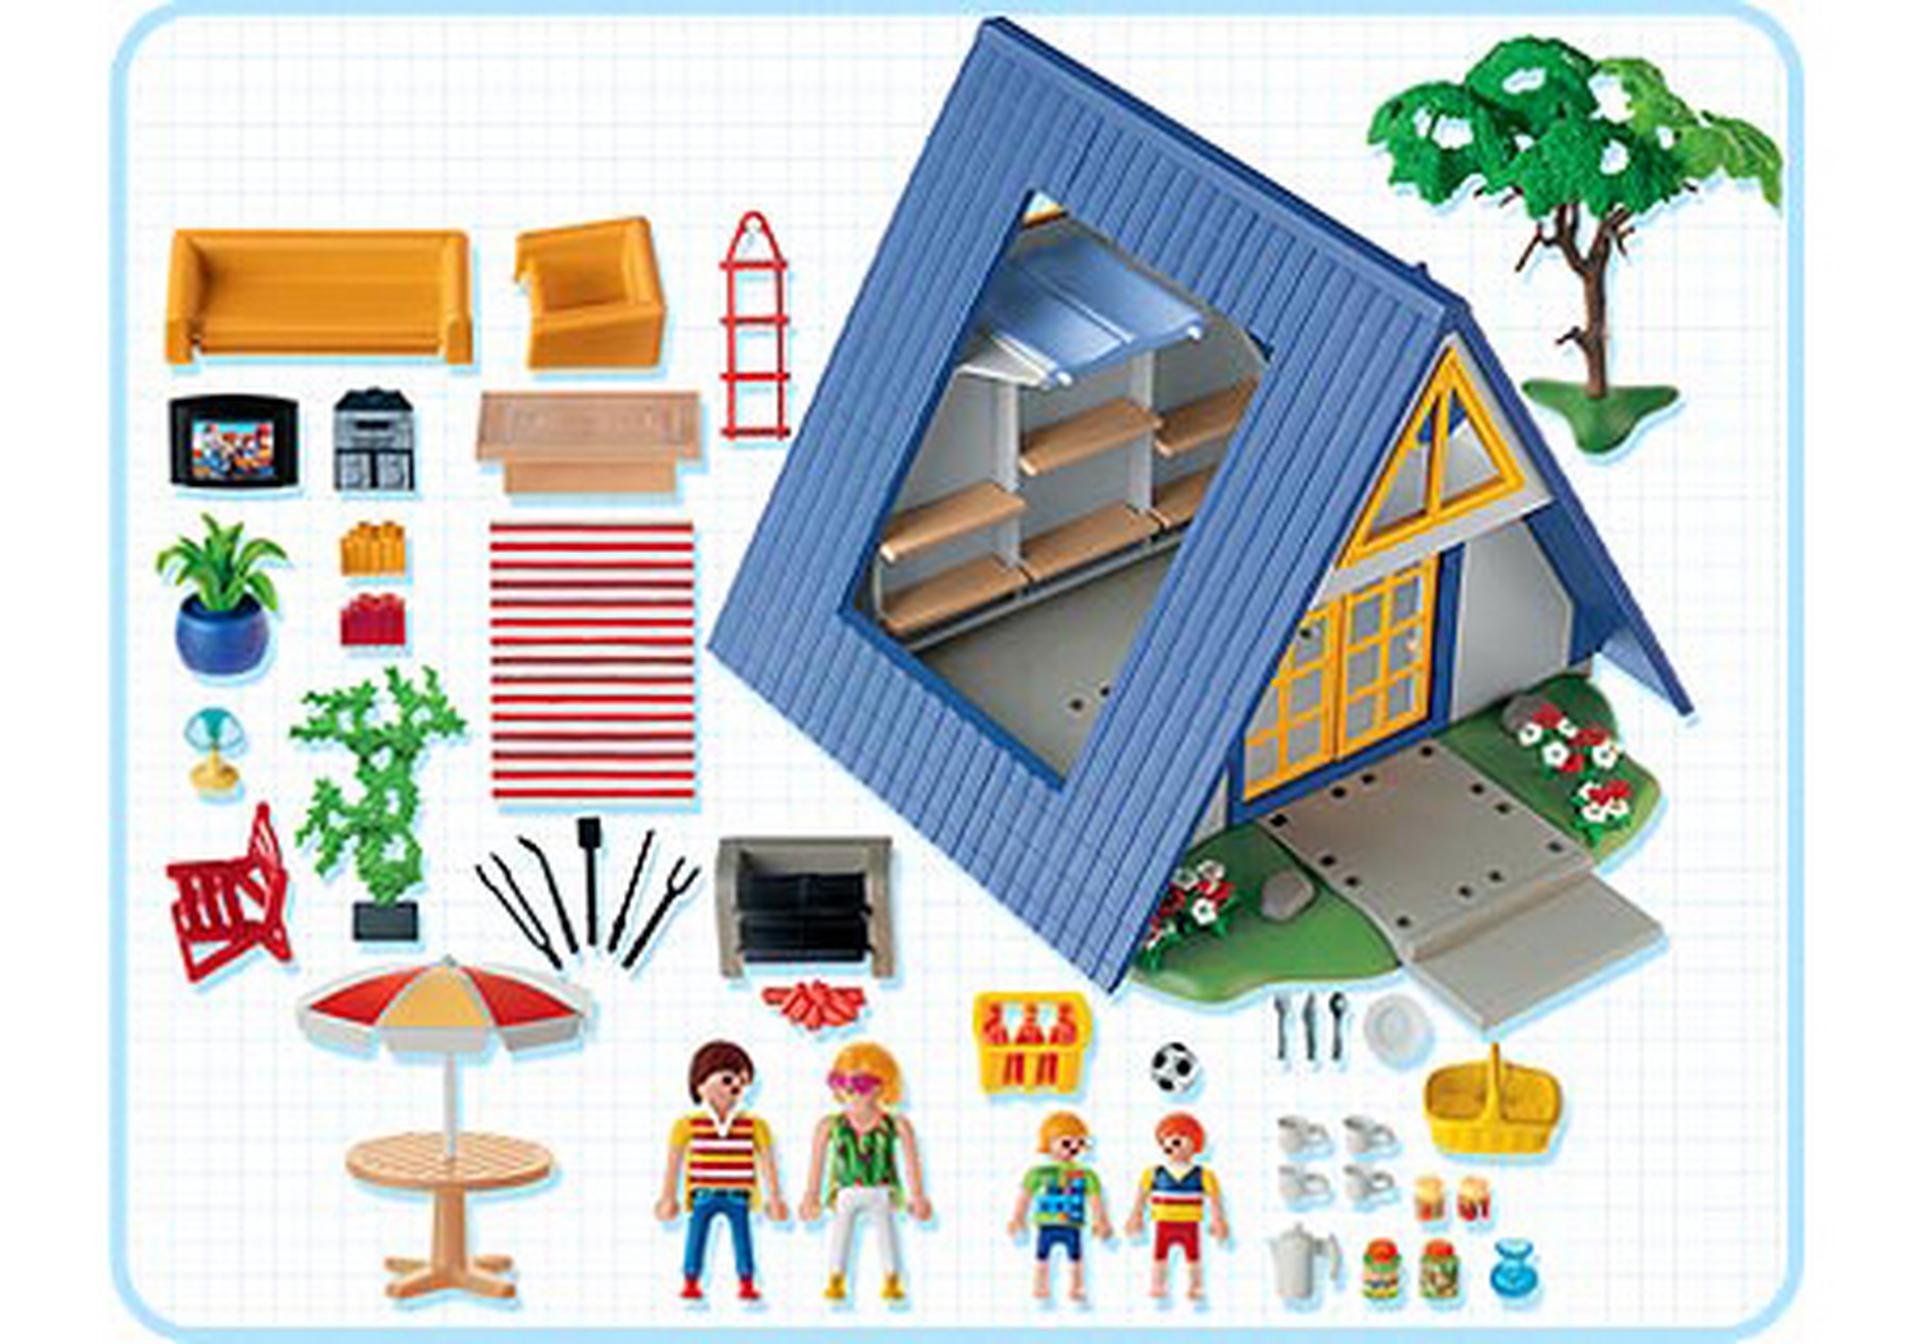 Famille maison de vacances 3230 a playmobil france - Plan maison de campagne playmobil ...